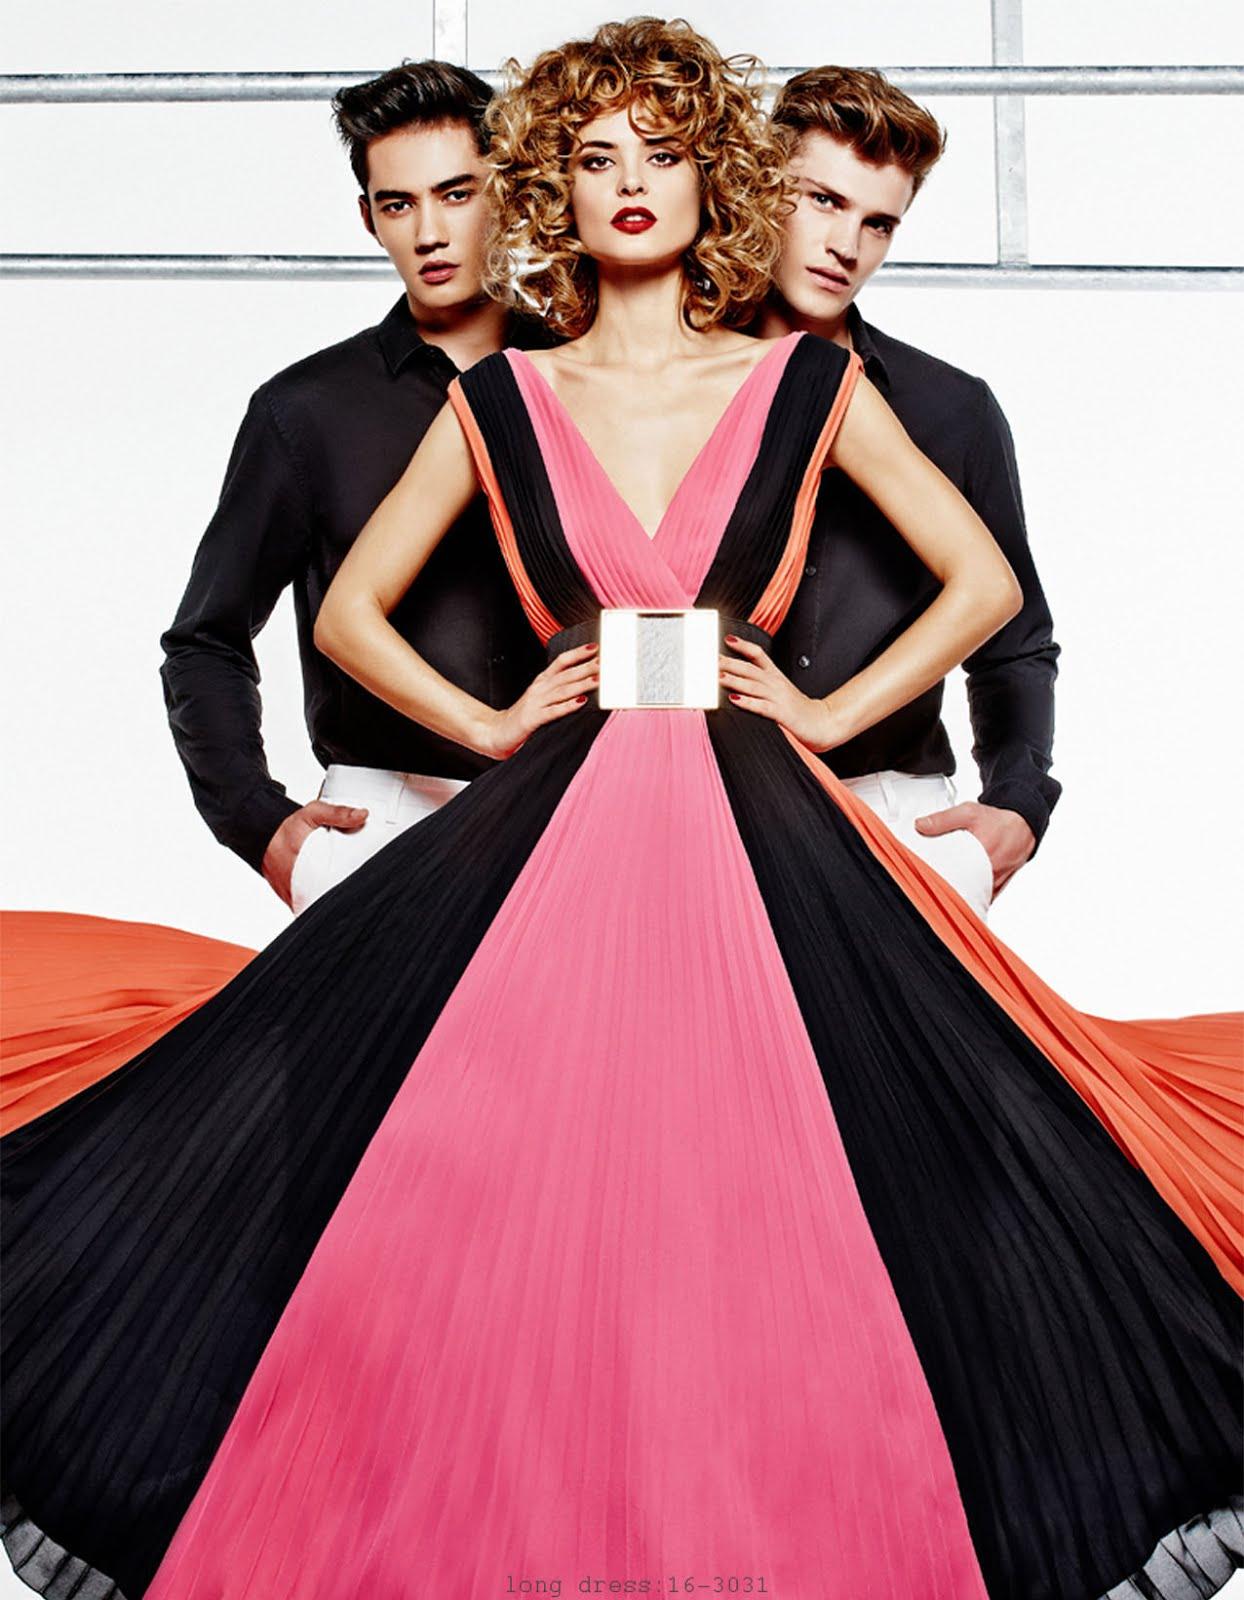 Cocteil φορεμα S/S 2016